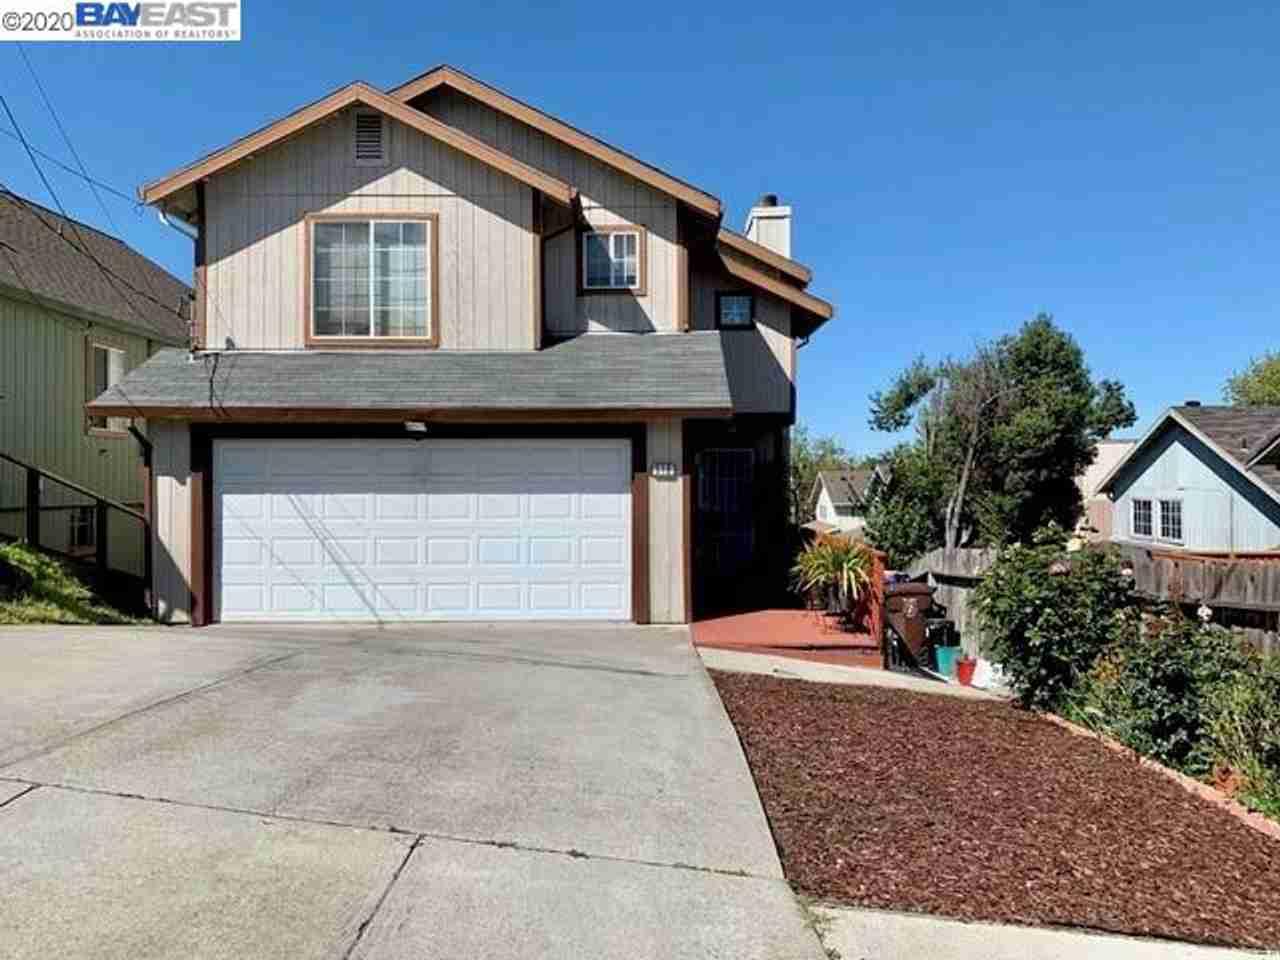 310 Napa Ave Rodeo, CA, 94572